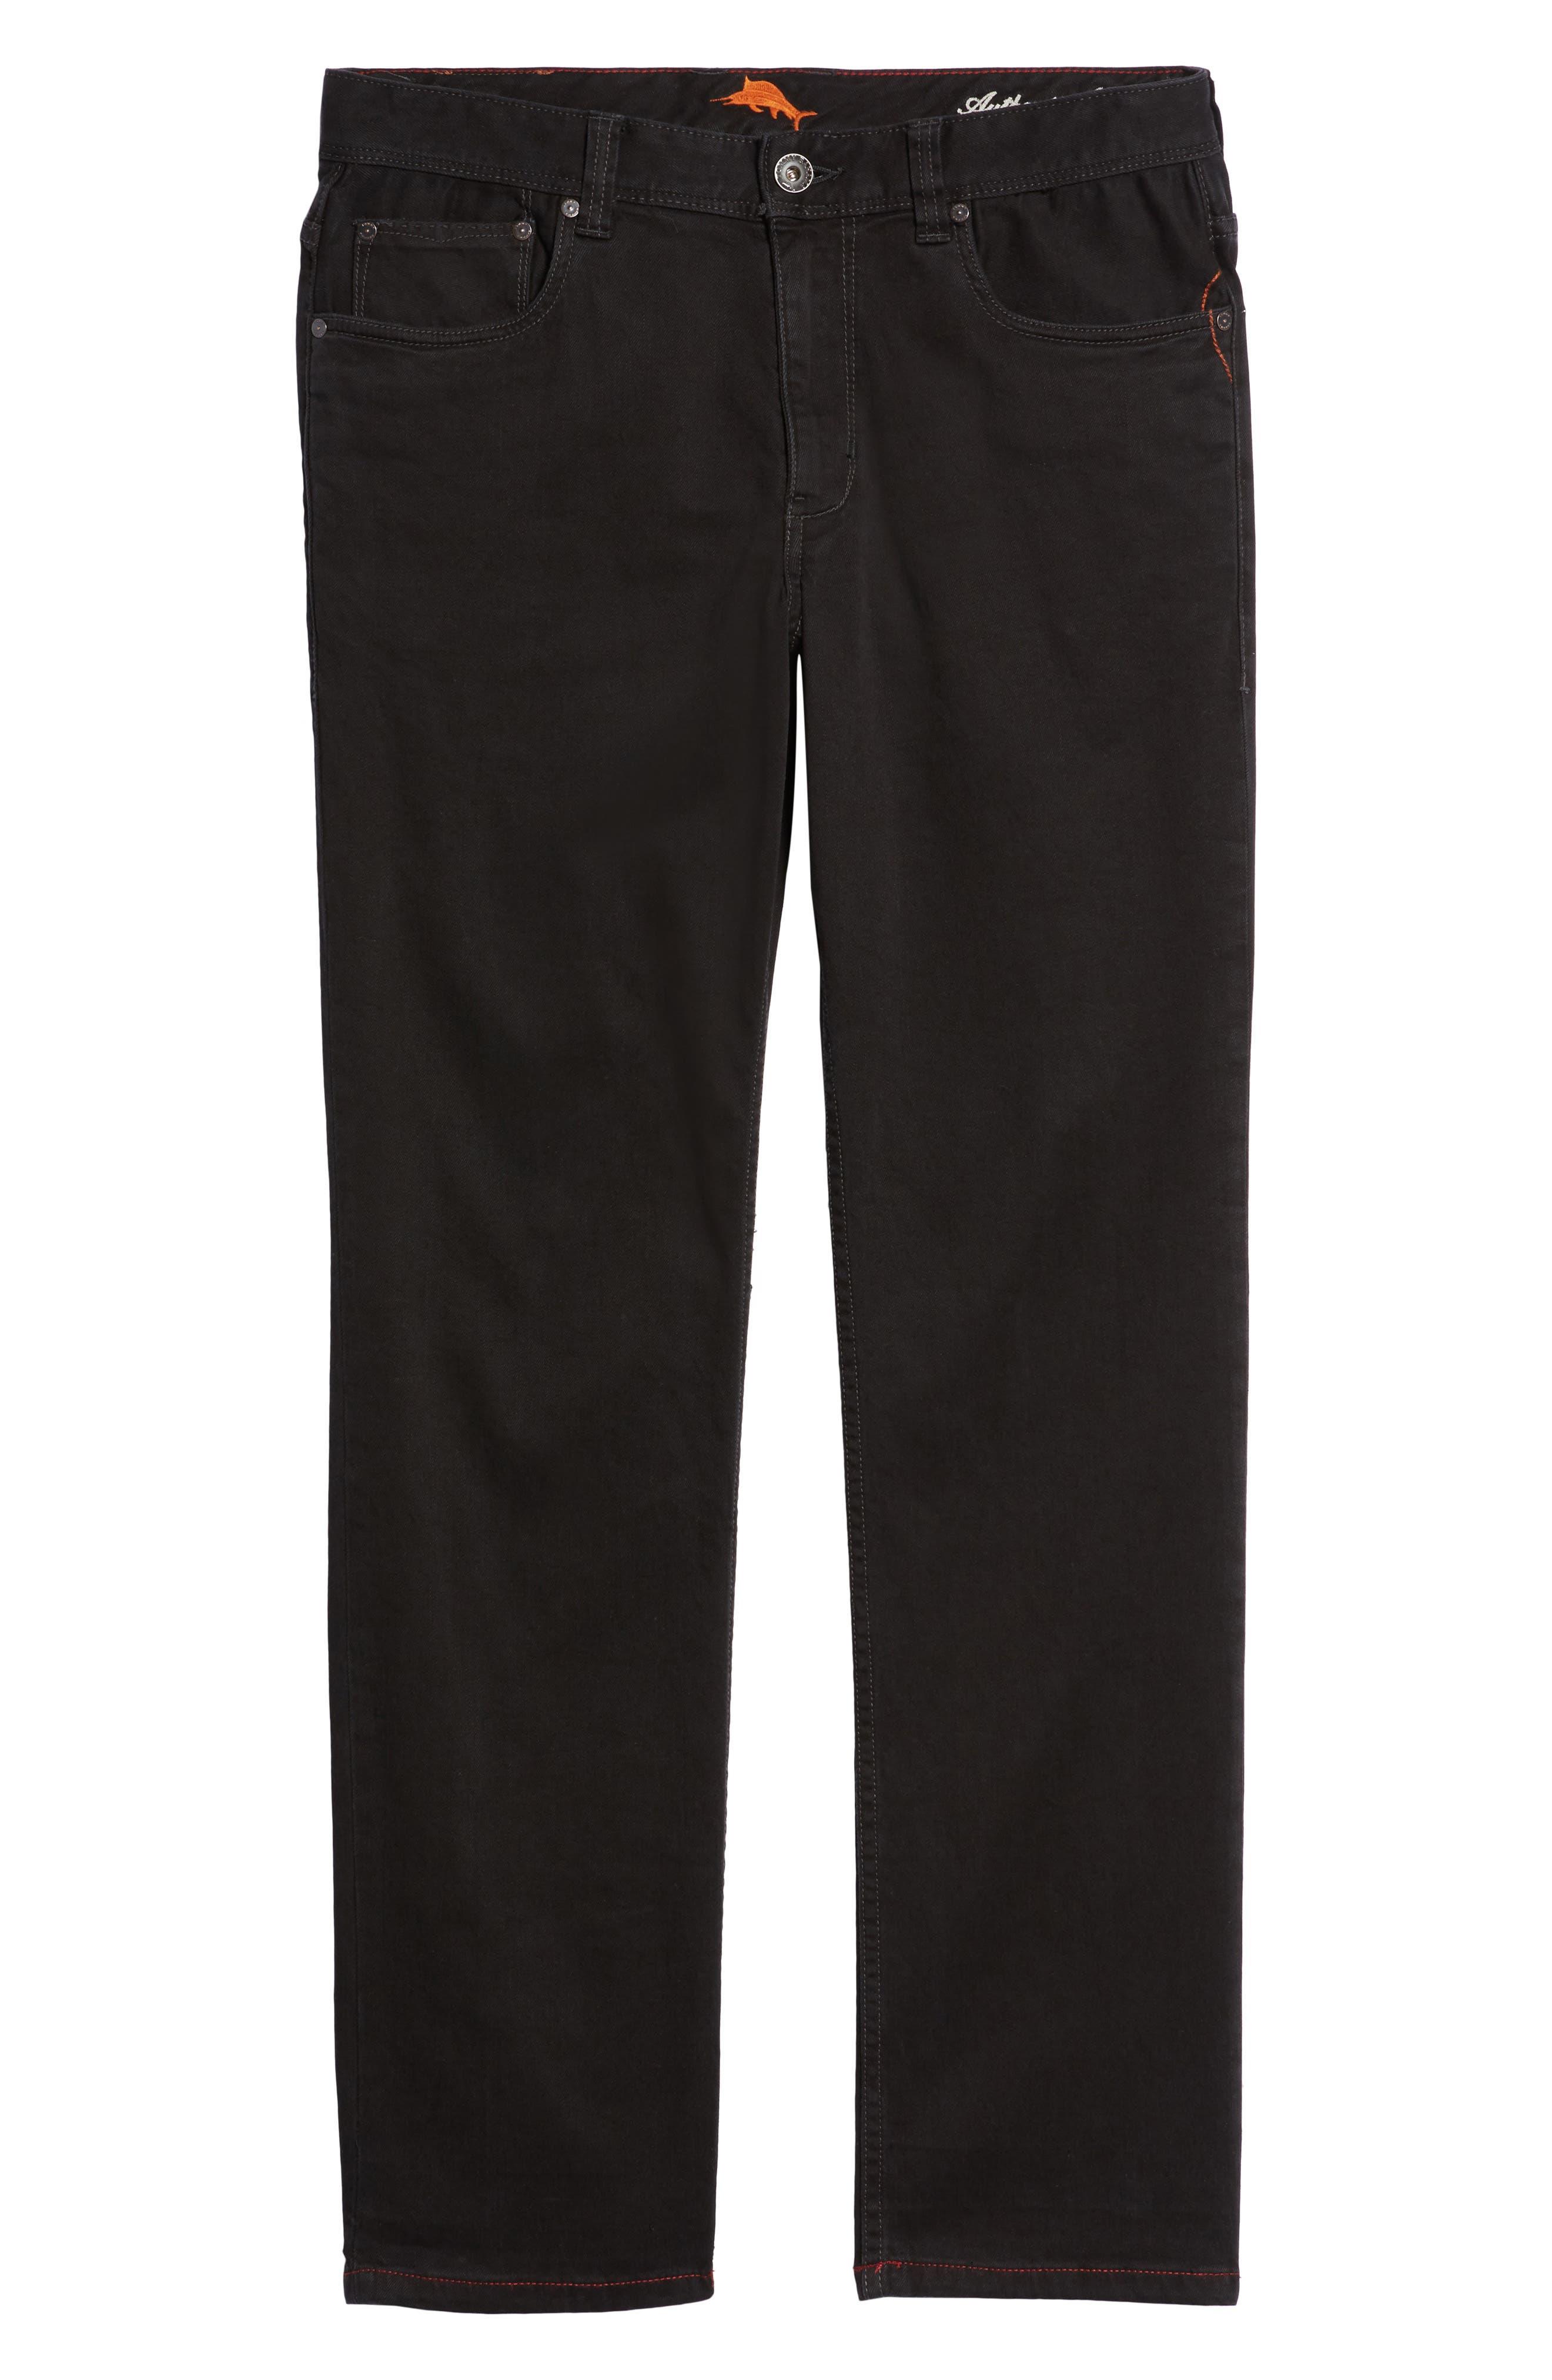 Sand Straight Leg Jeans,                             Alternate thumbnail 6, color,                             BLACK OVERDYE